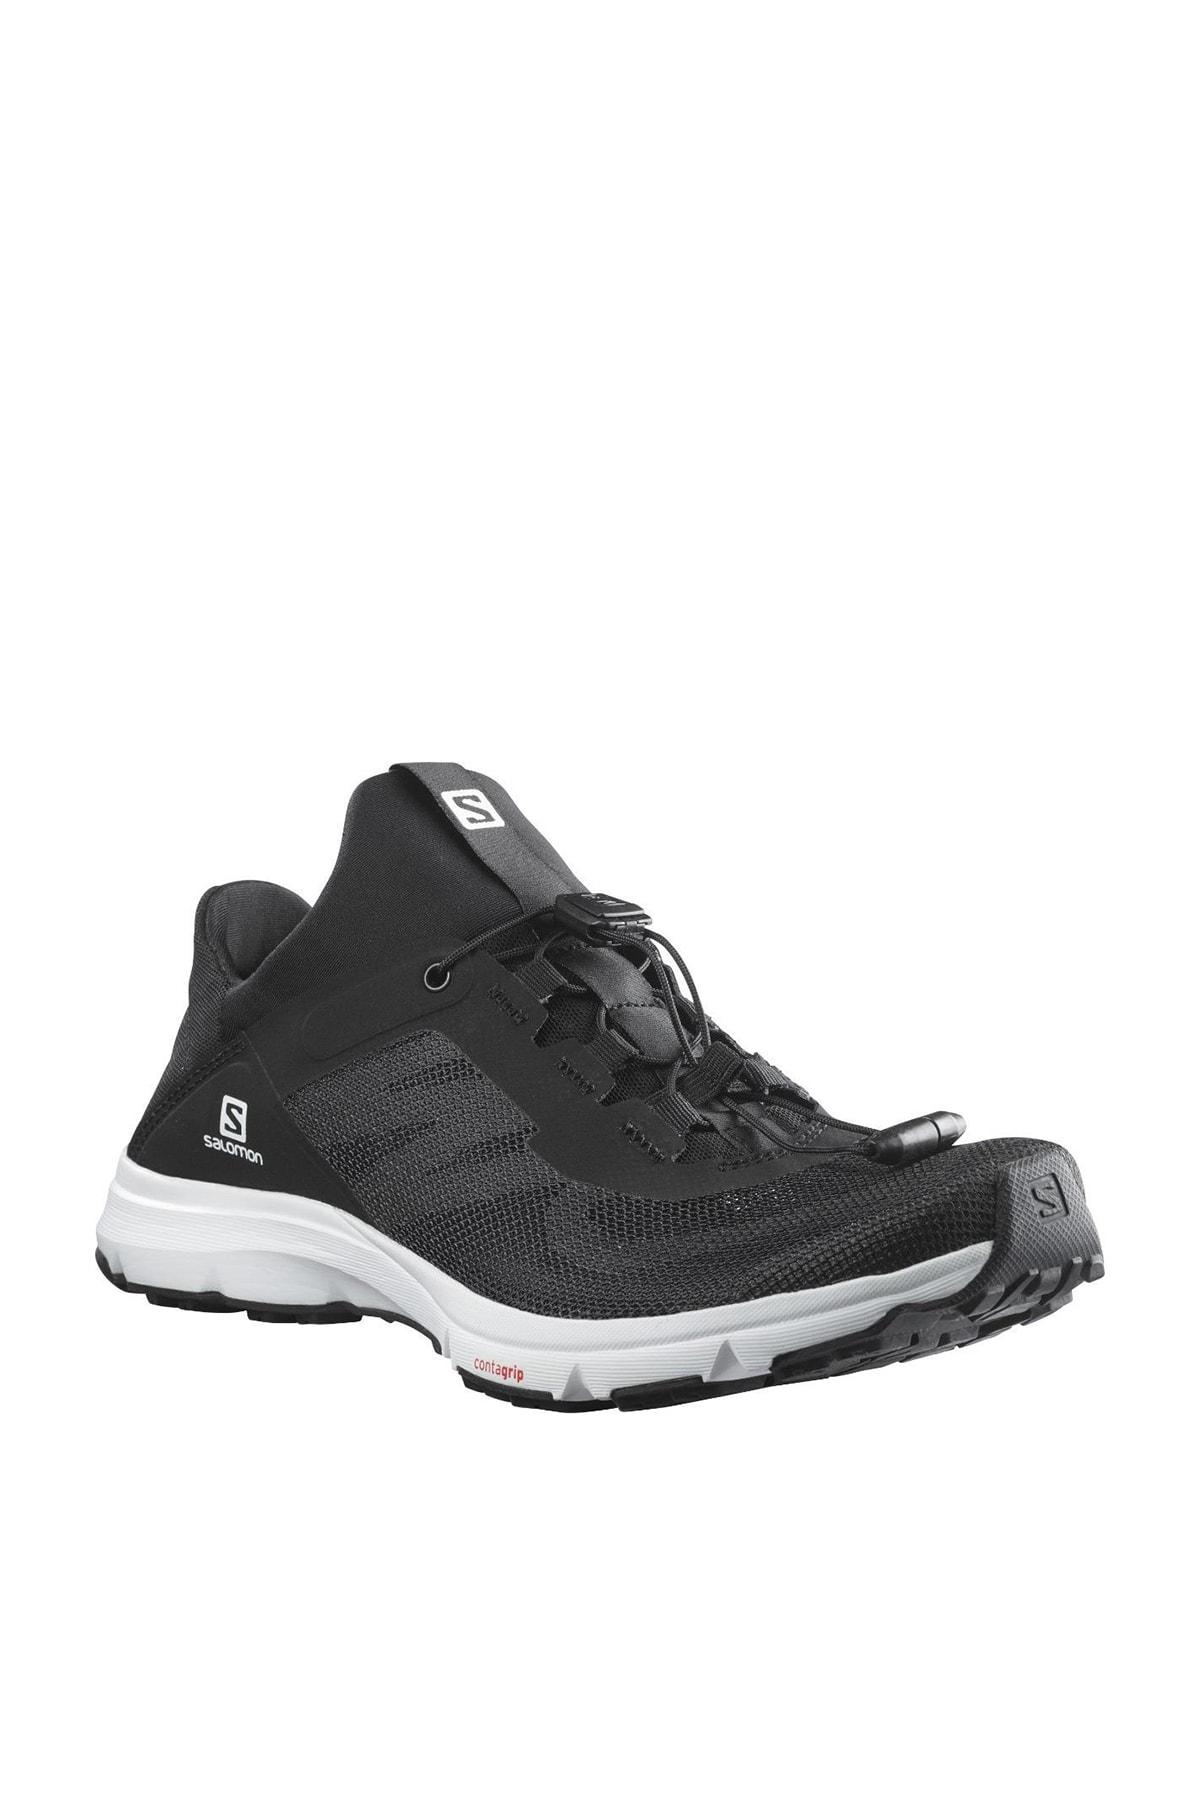 Salomon Kadın Siyah Outdoor Ayakkabı L41304200 0